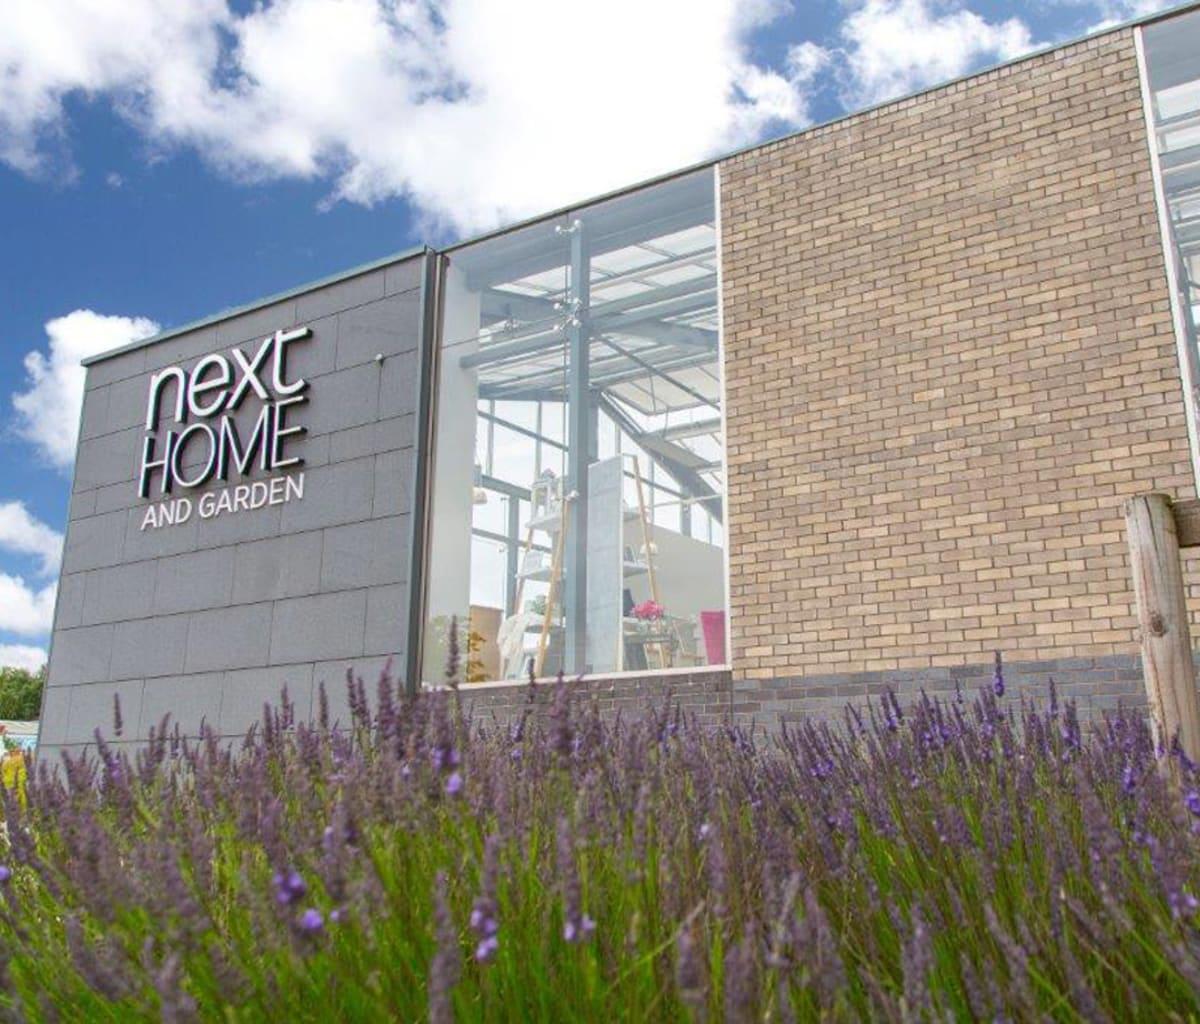 Next Home & Garden store